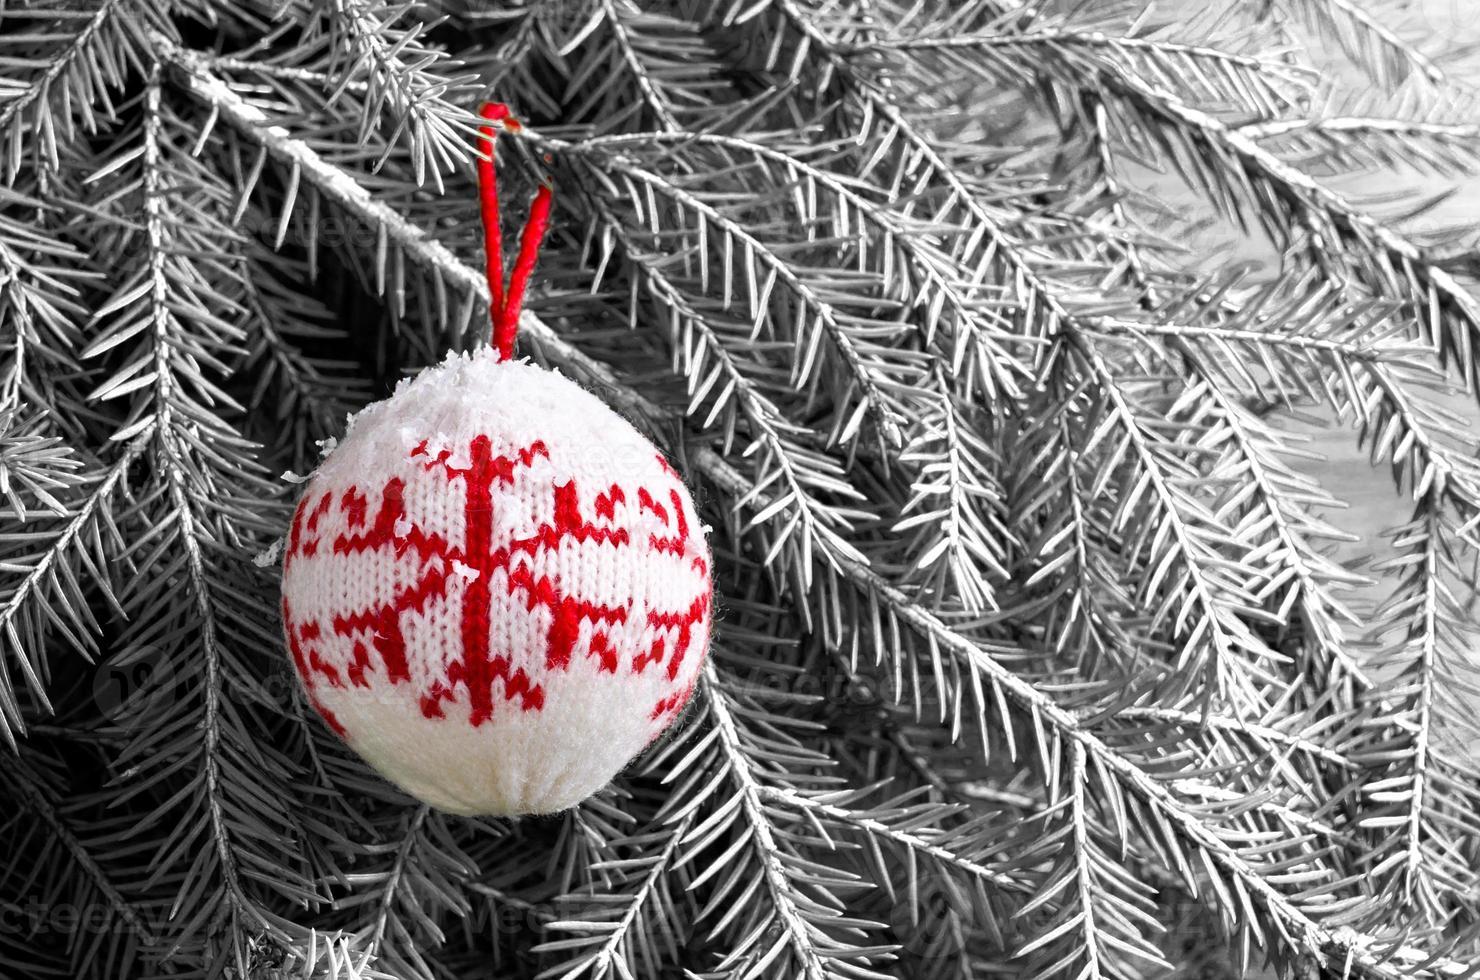 Weihnachtsbaumdekoration foto